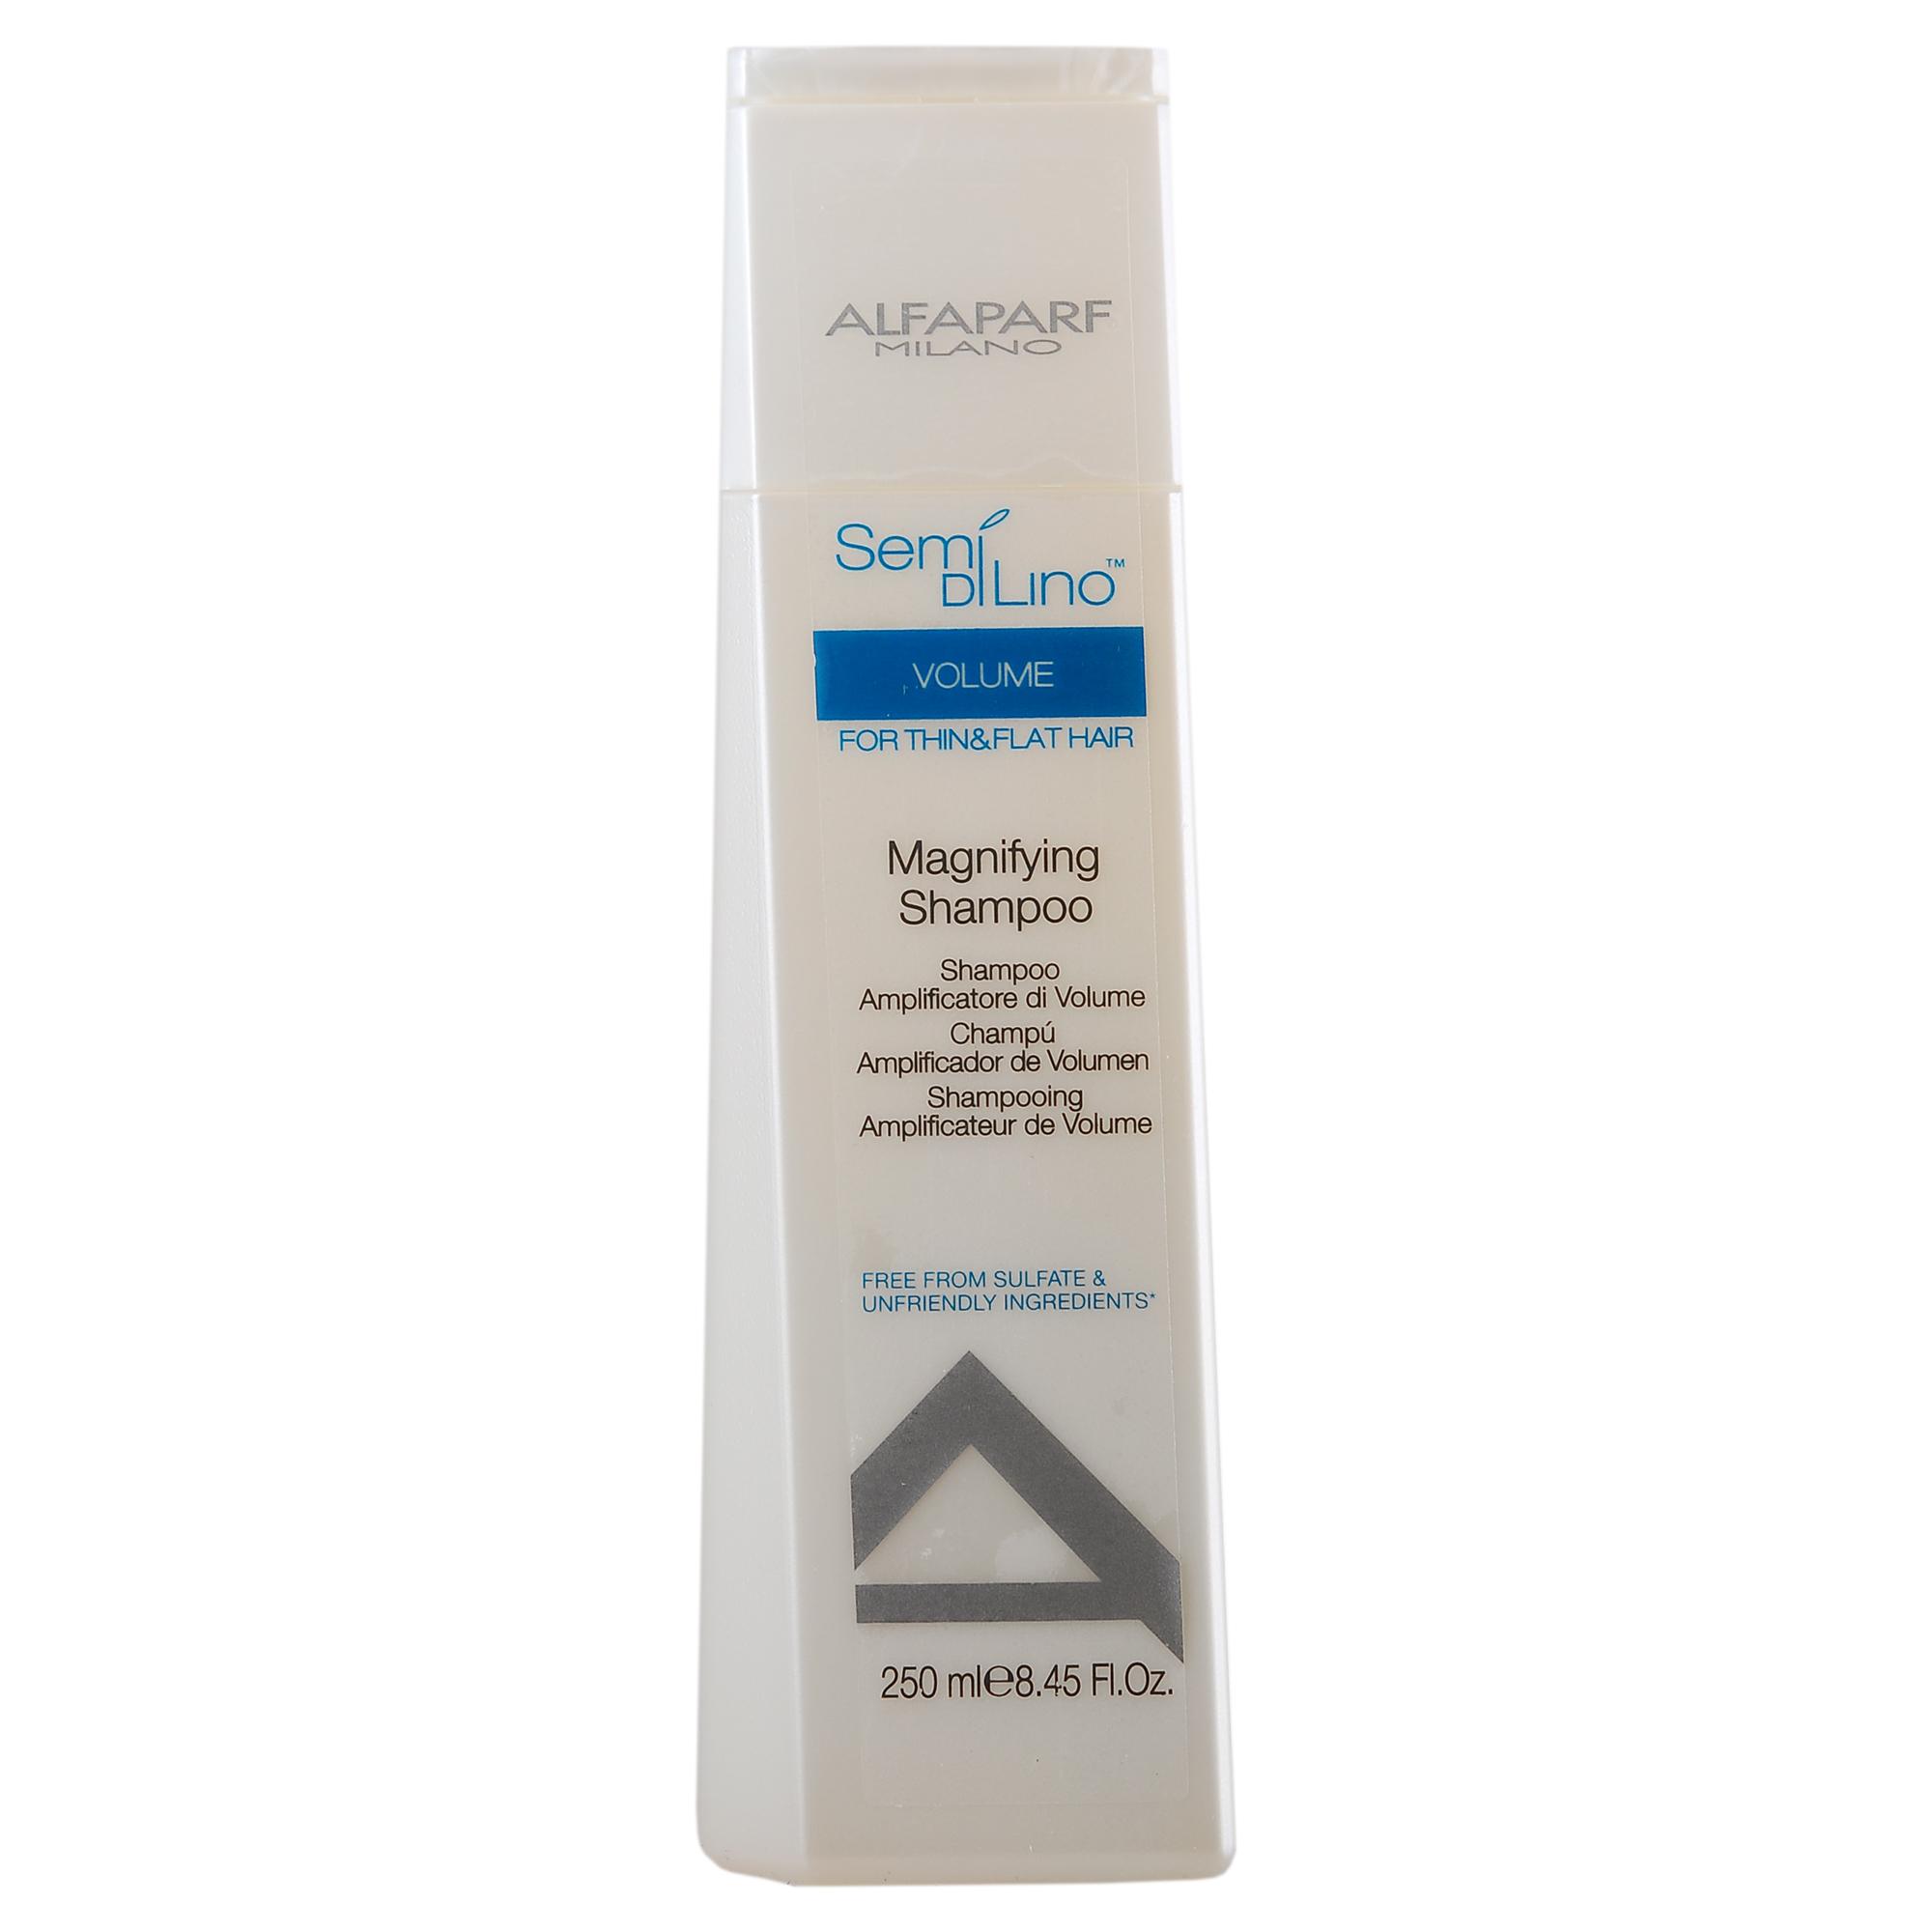 ALFAPARF MILANO Шампунь для объема / SDL VOLUME MAGNIFYING SHAMPOO 250млШампуни<br>Шампунь для тонких волос, придающий объём. Мягко очищает волосы, обладает антистатическим эффектом. Содержит протеины пшеницы, которые придают плотность и текстурированность волосам. Комплекс сохранения цвета: продлевает и усиливает сияние и интенсивность цвета. Экстракт льна придает волосам невероятный блеск. Способ применения:&amp;nbsp;нанести на мокрые волосы, вспенить, затем обильно смыть водой. При необходимости повторить процедуру. Без Сульфатов. Без Парабенов и Парафинов. Без Красителей. Не вызывают Аллергию<br><br>Объем: 250 мл<br>Типы волос: Тонкие